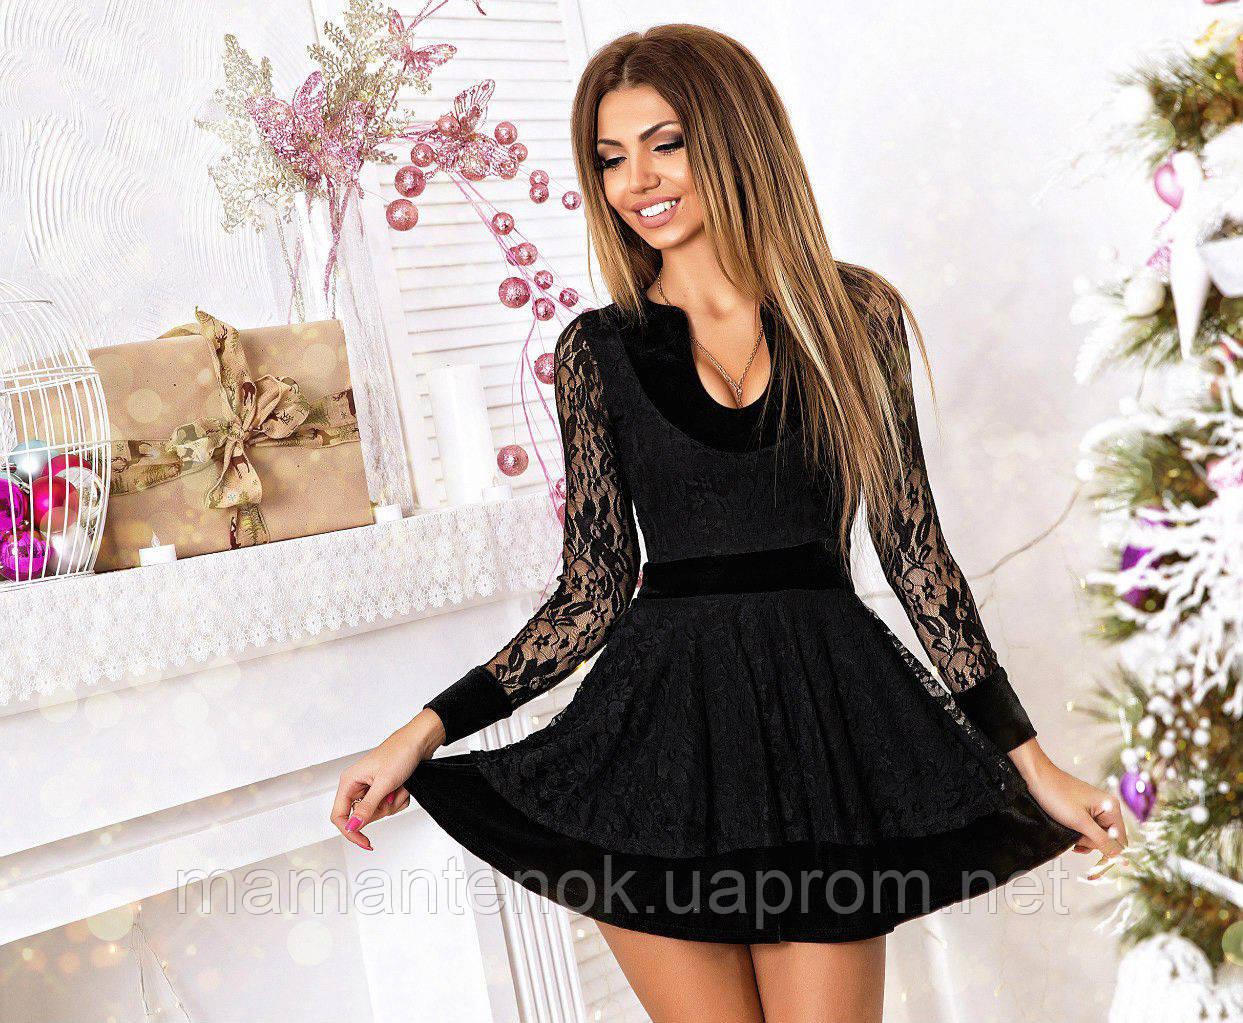 b6a74bde66d Женское вечернее платье Н021 - Интернет-магазин